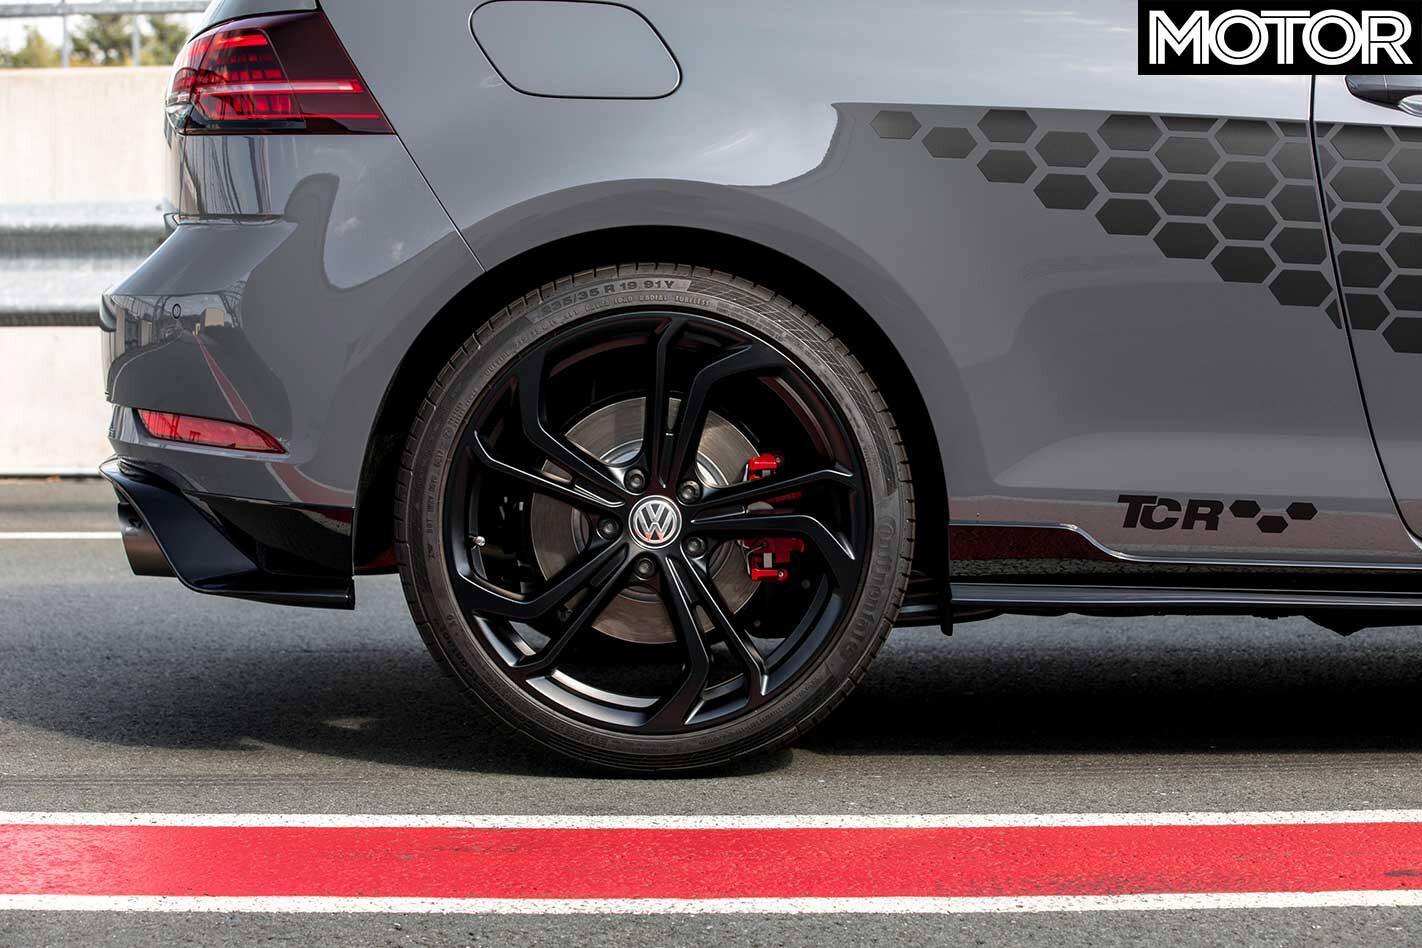 Volkswagen Golf GTI TCR Rear Wheel Jpg